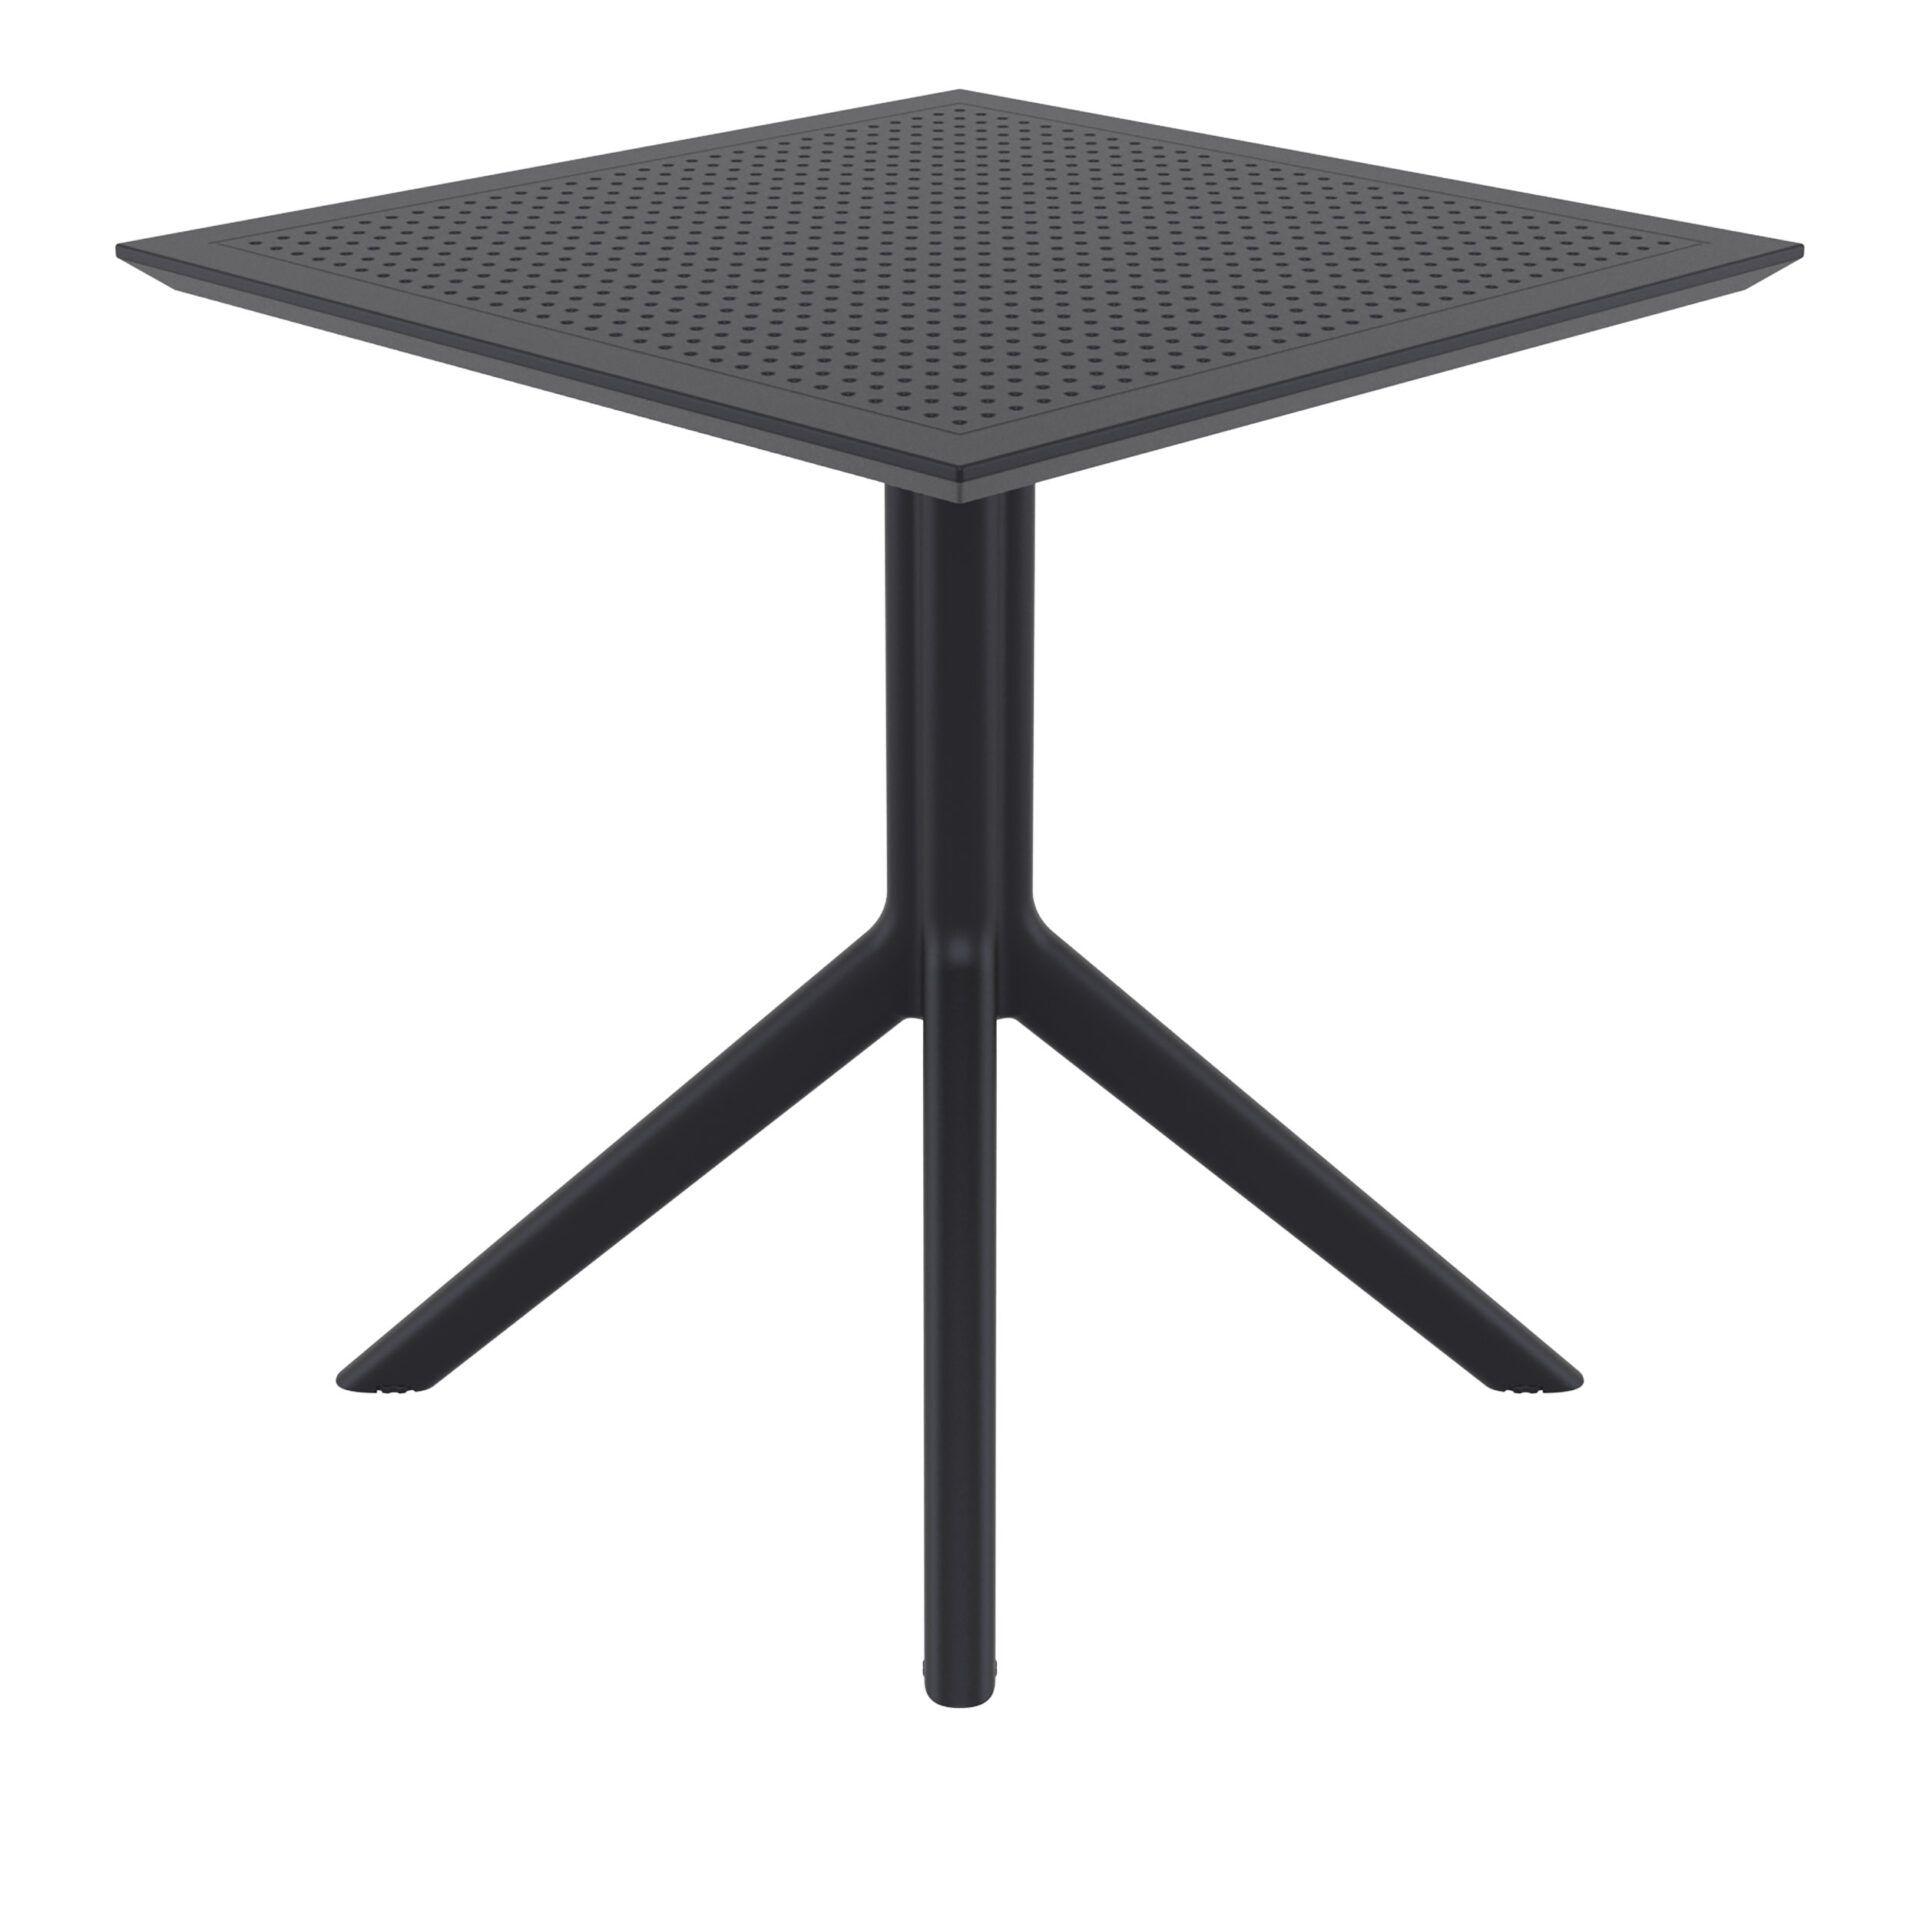 polypropylene outdoor cafe sky table 70 black side